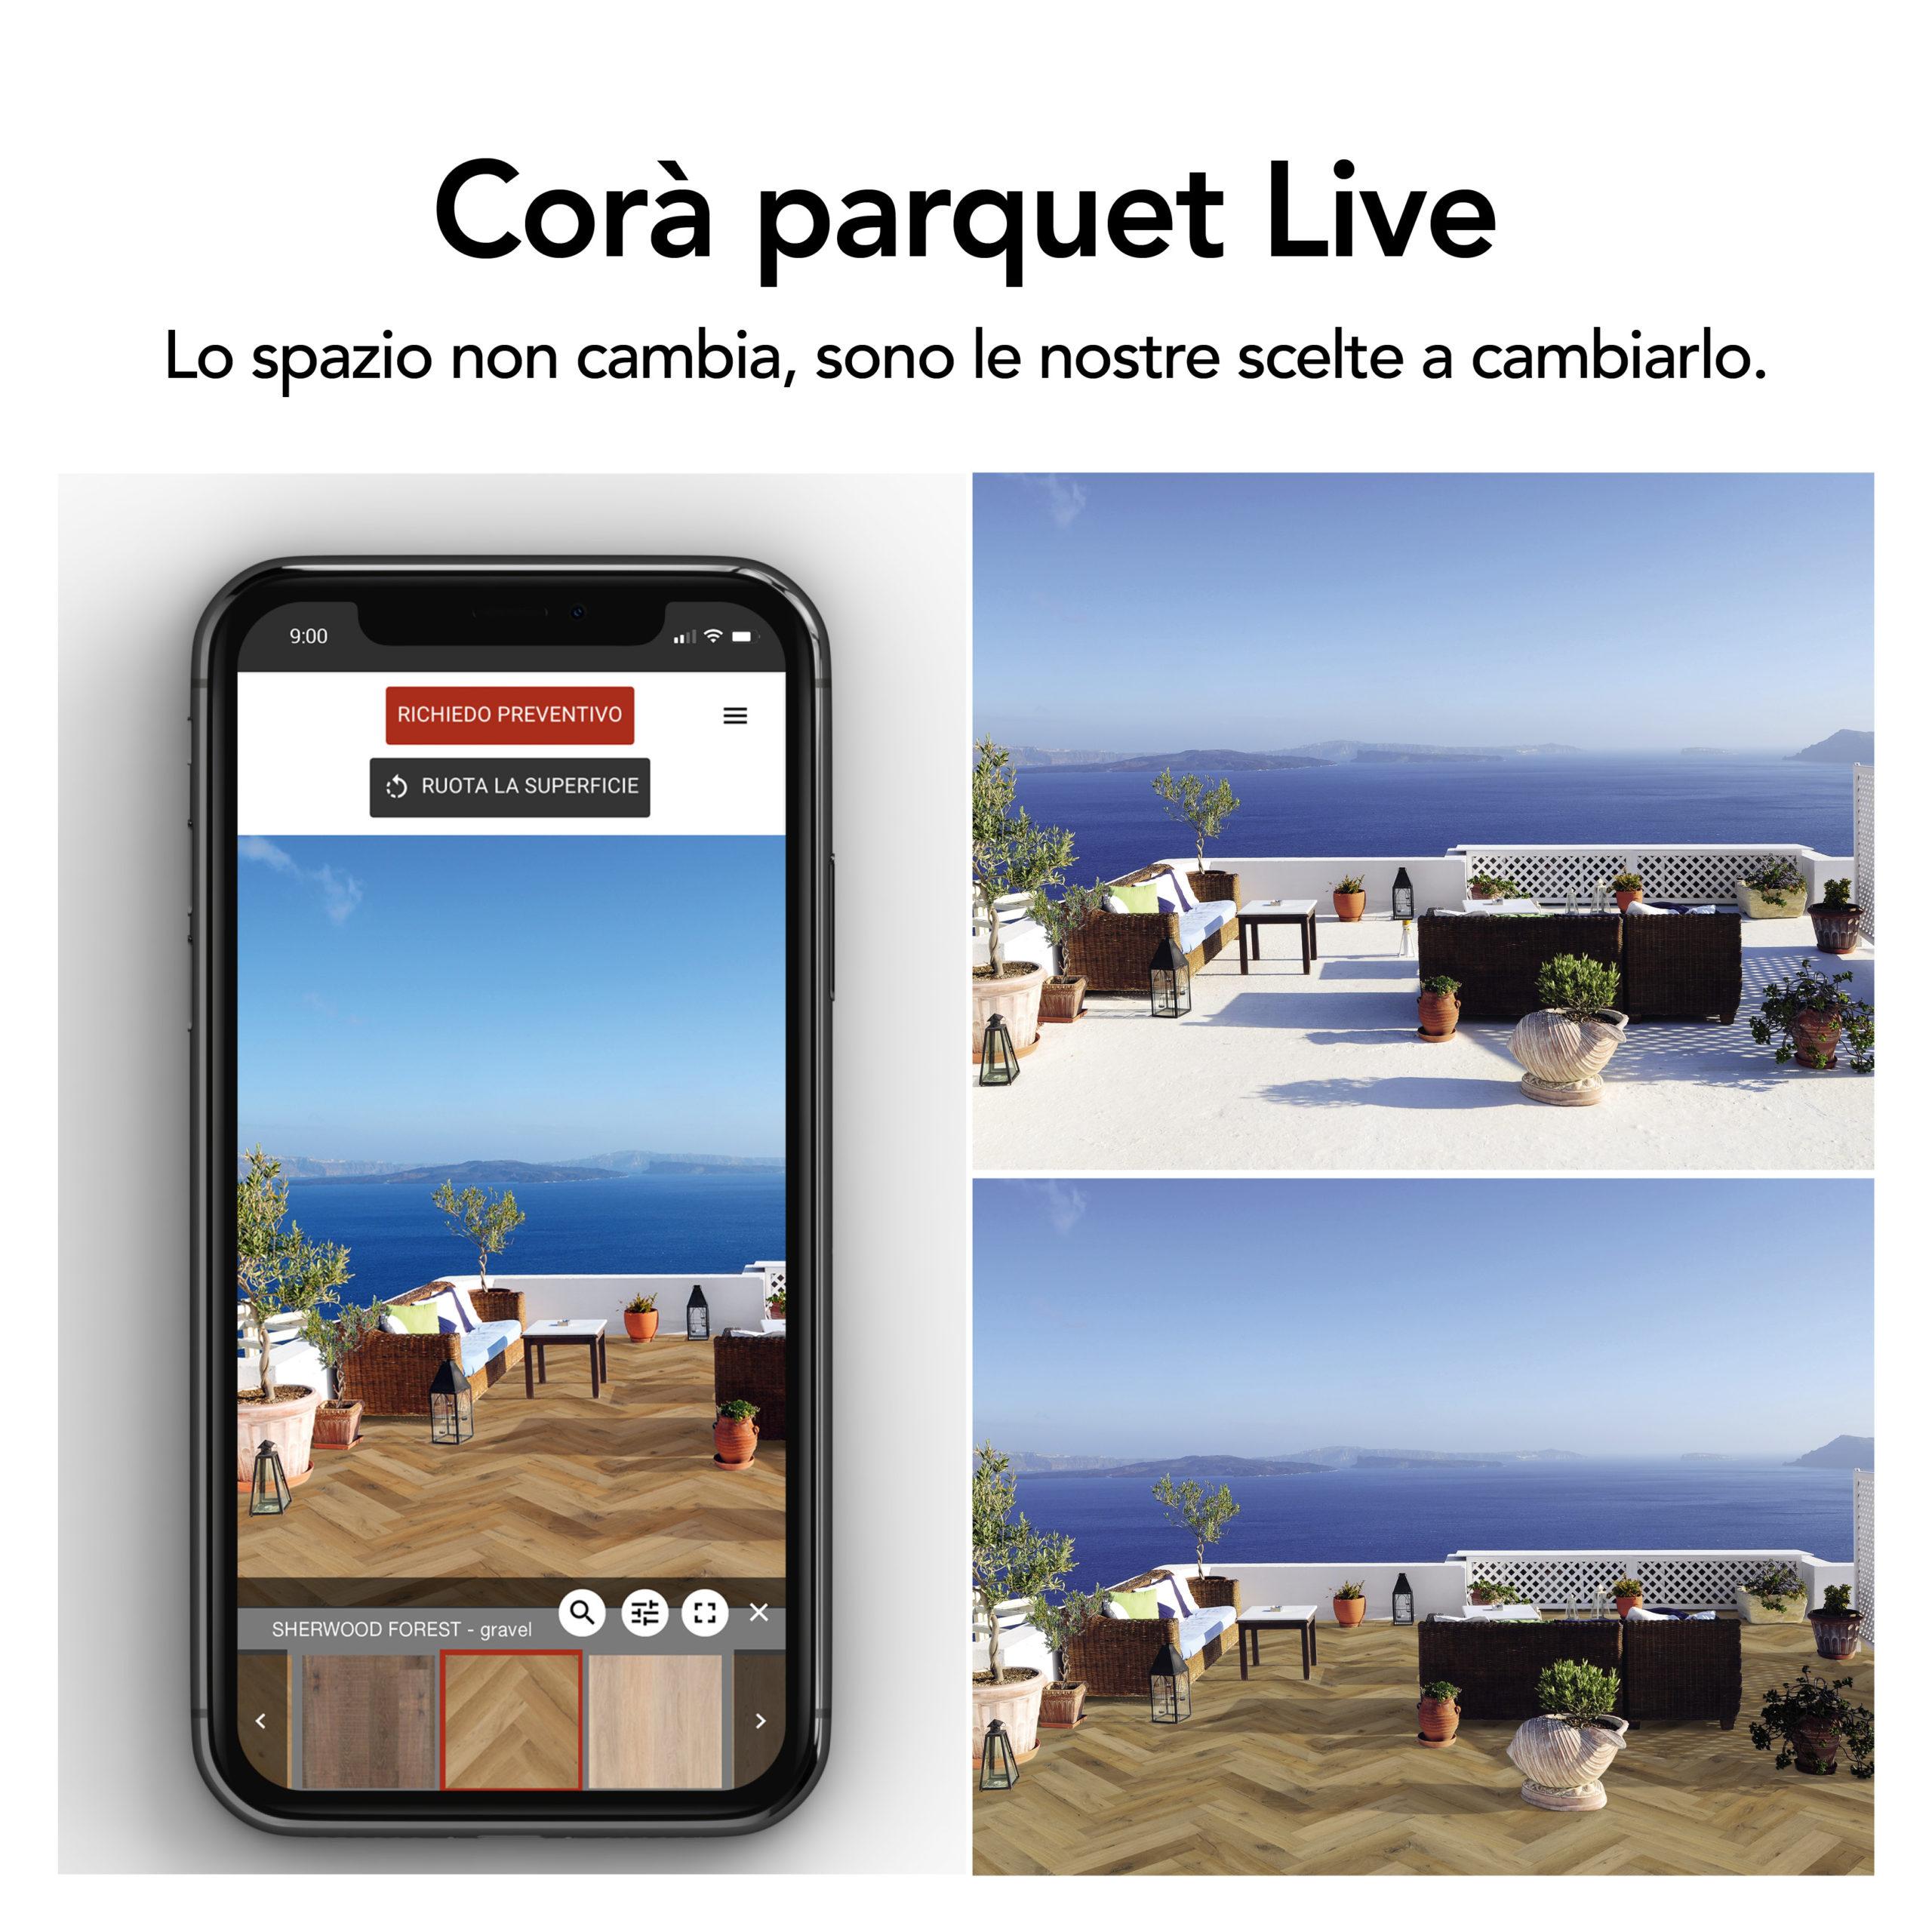 Corà parquet live post FB